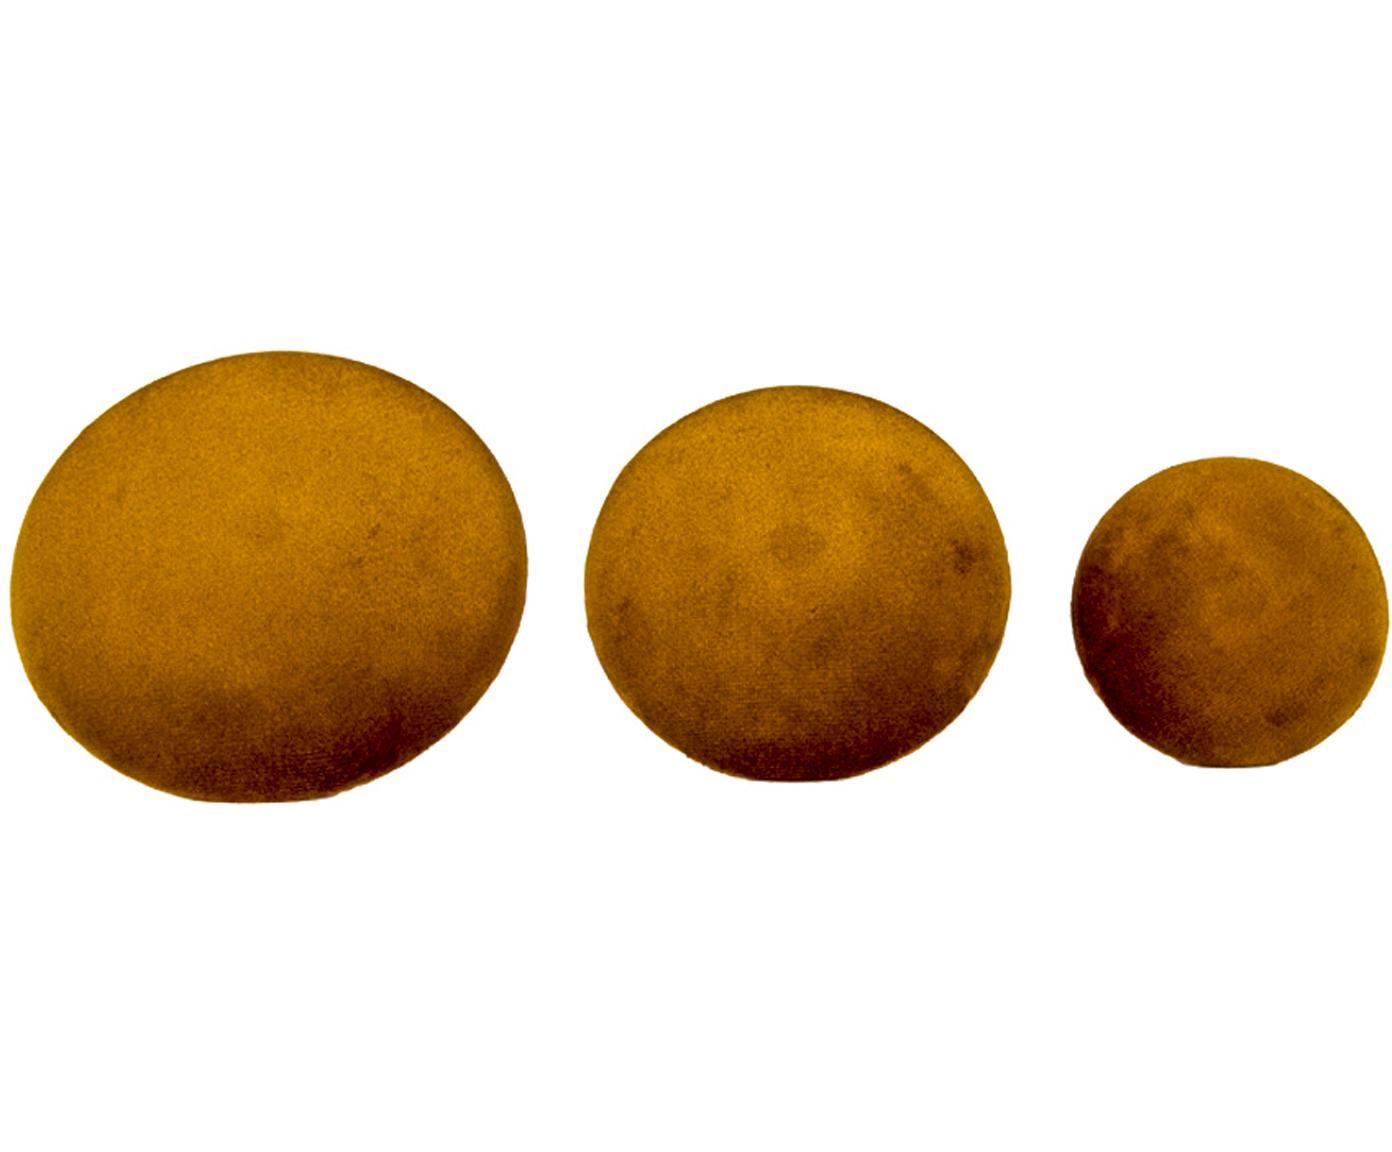 Samt-Haken-Set Giza, 3-tlg., Front: Samt, Senfgelb, Messingfarben, Verschiedene Grössen